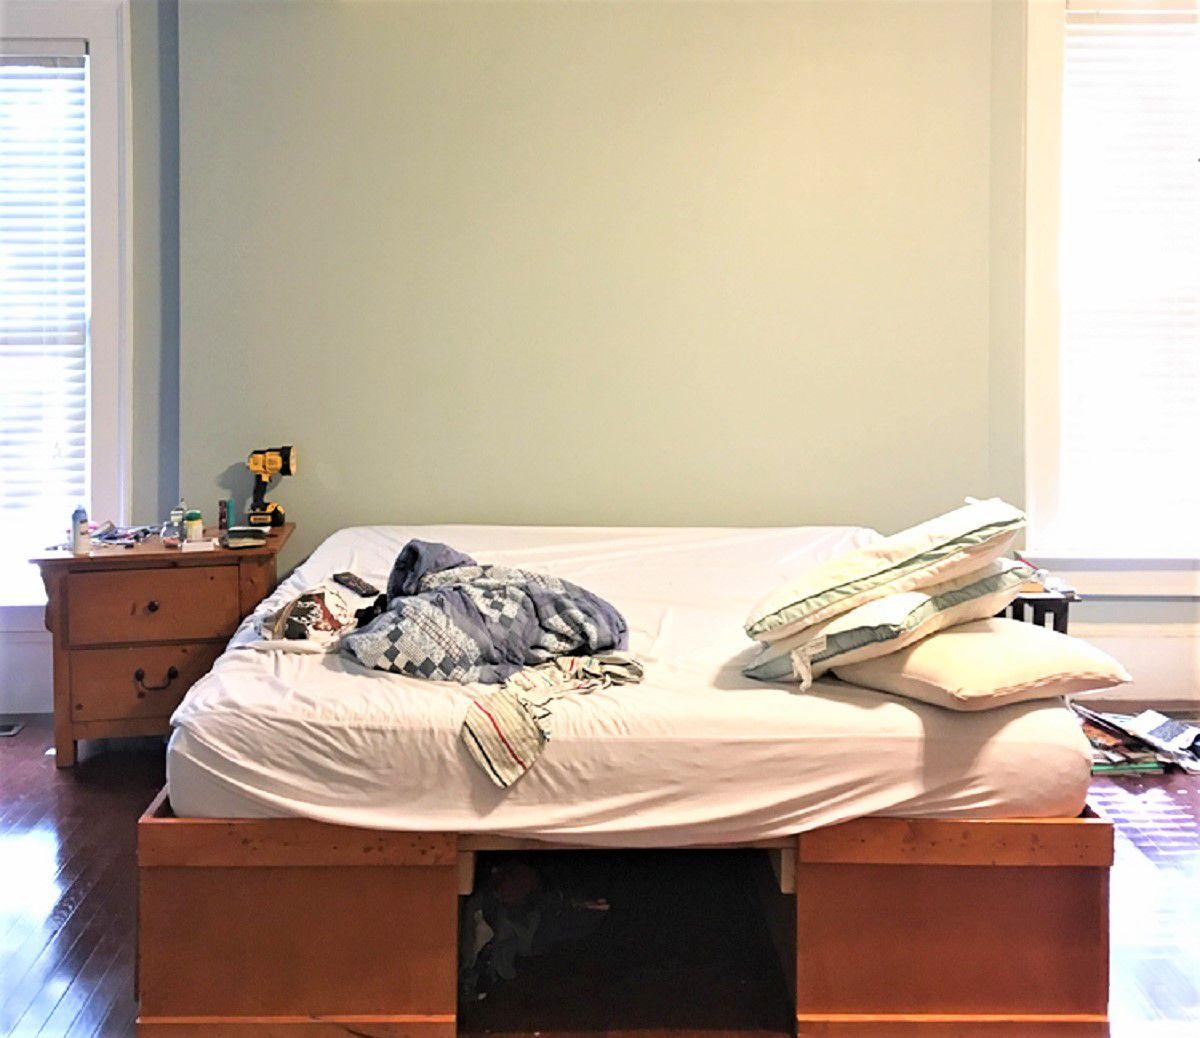 Habitación sencilla y cansada necesita un cambio de imagen: antes